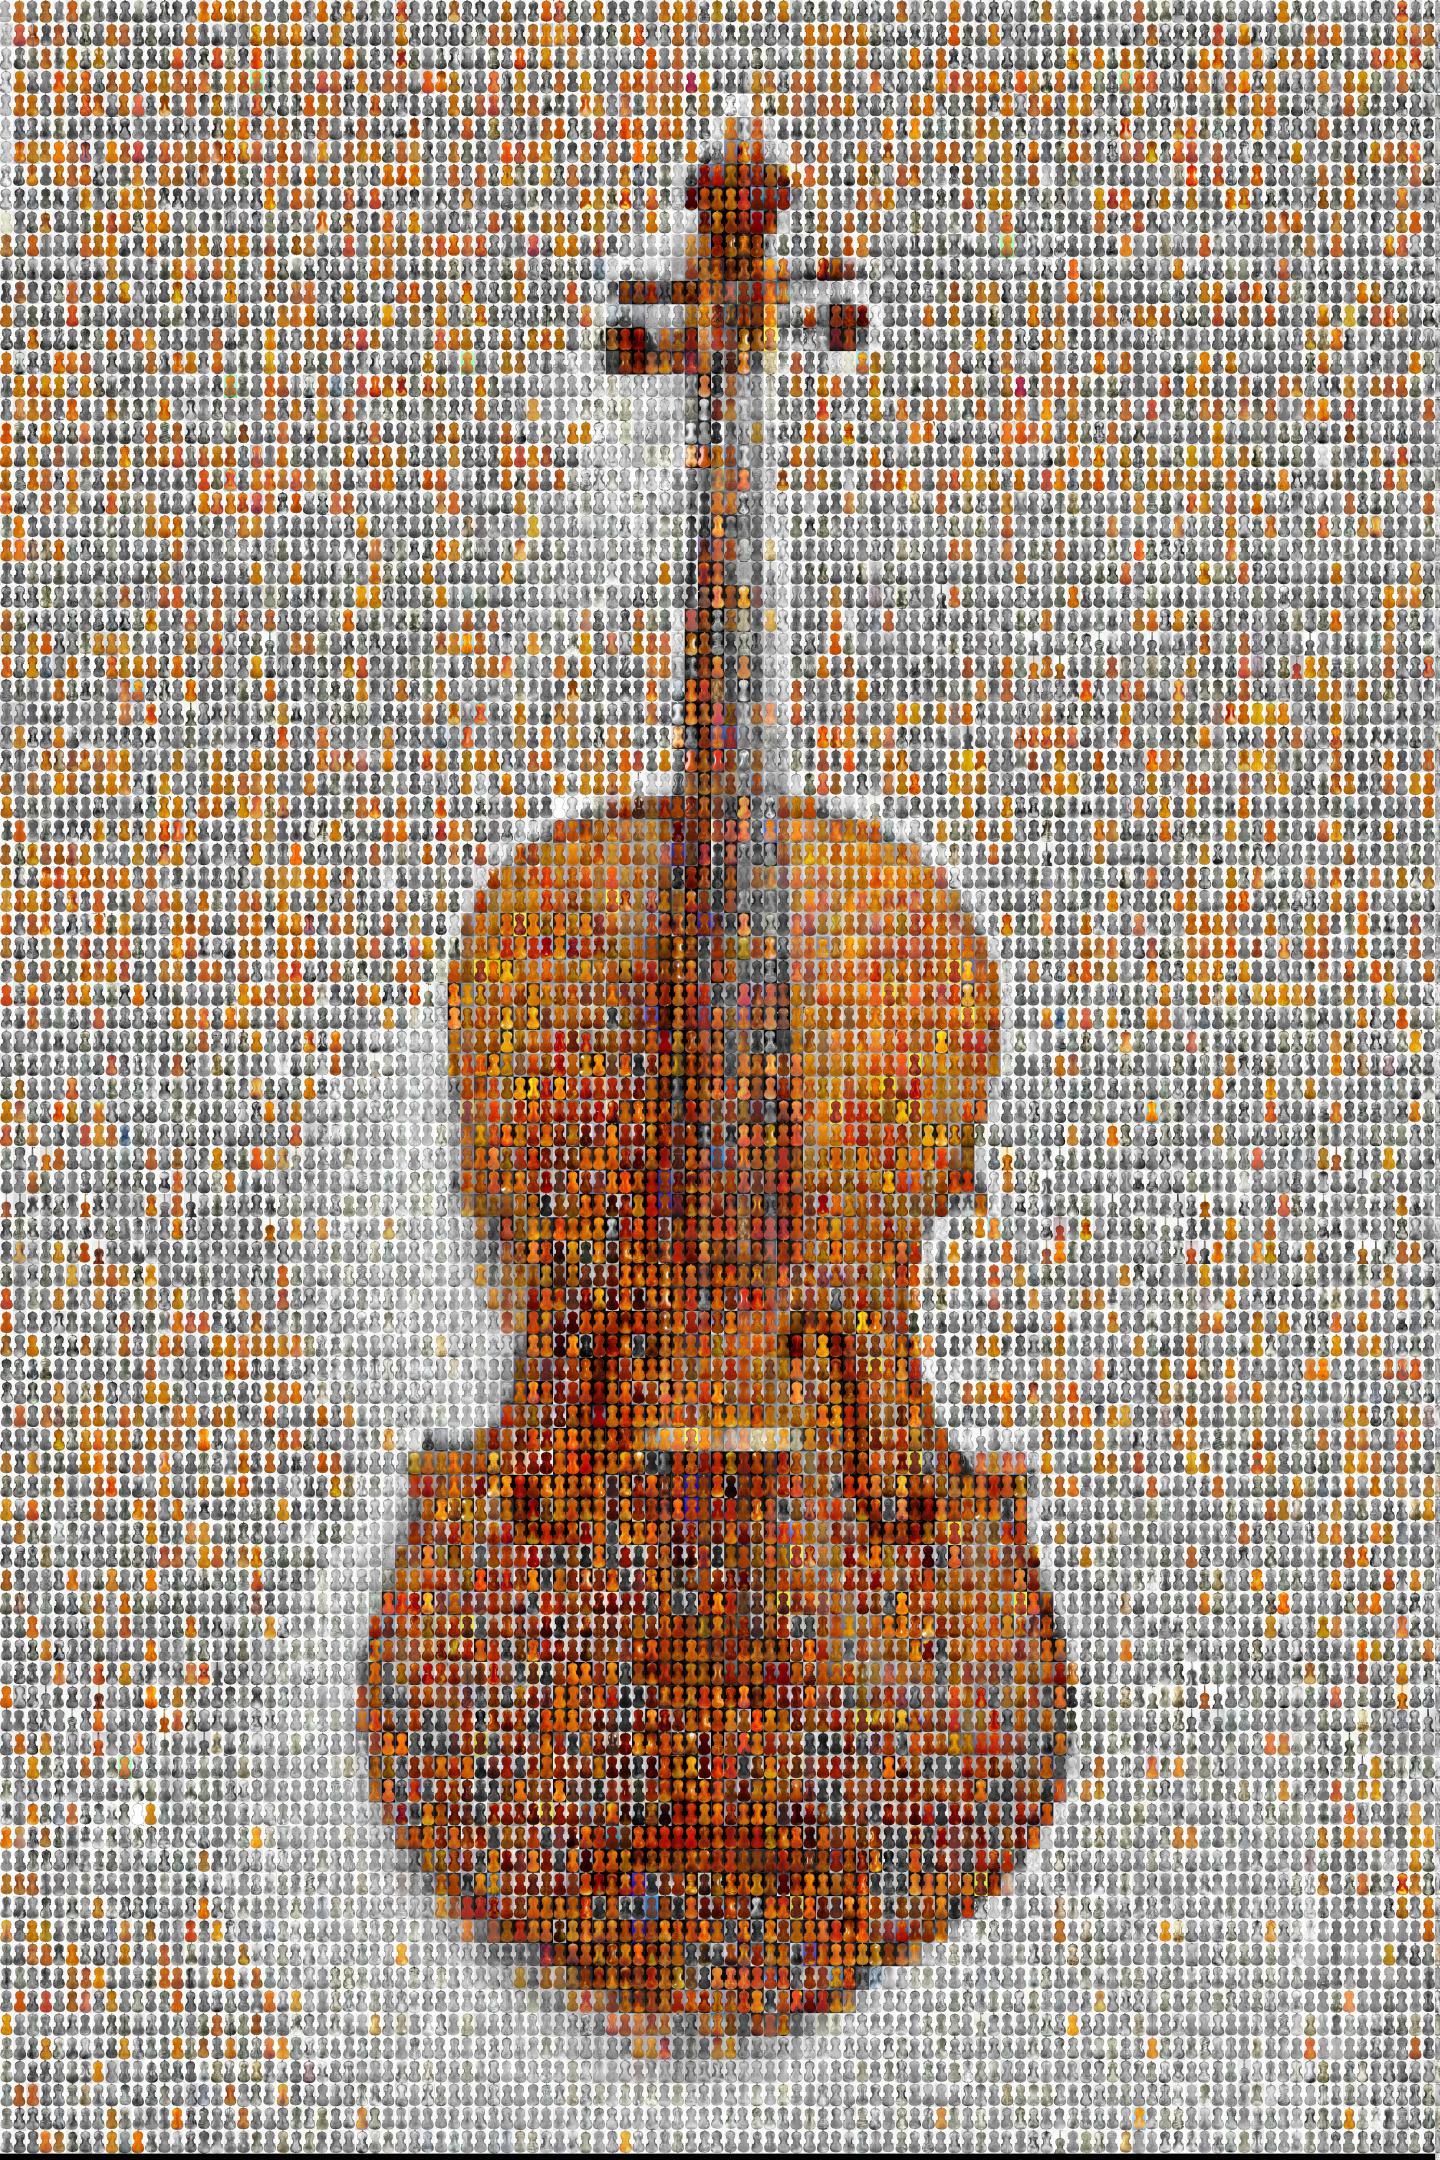 Violin Mosaic